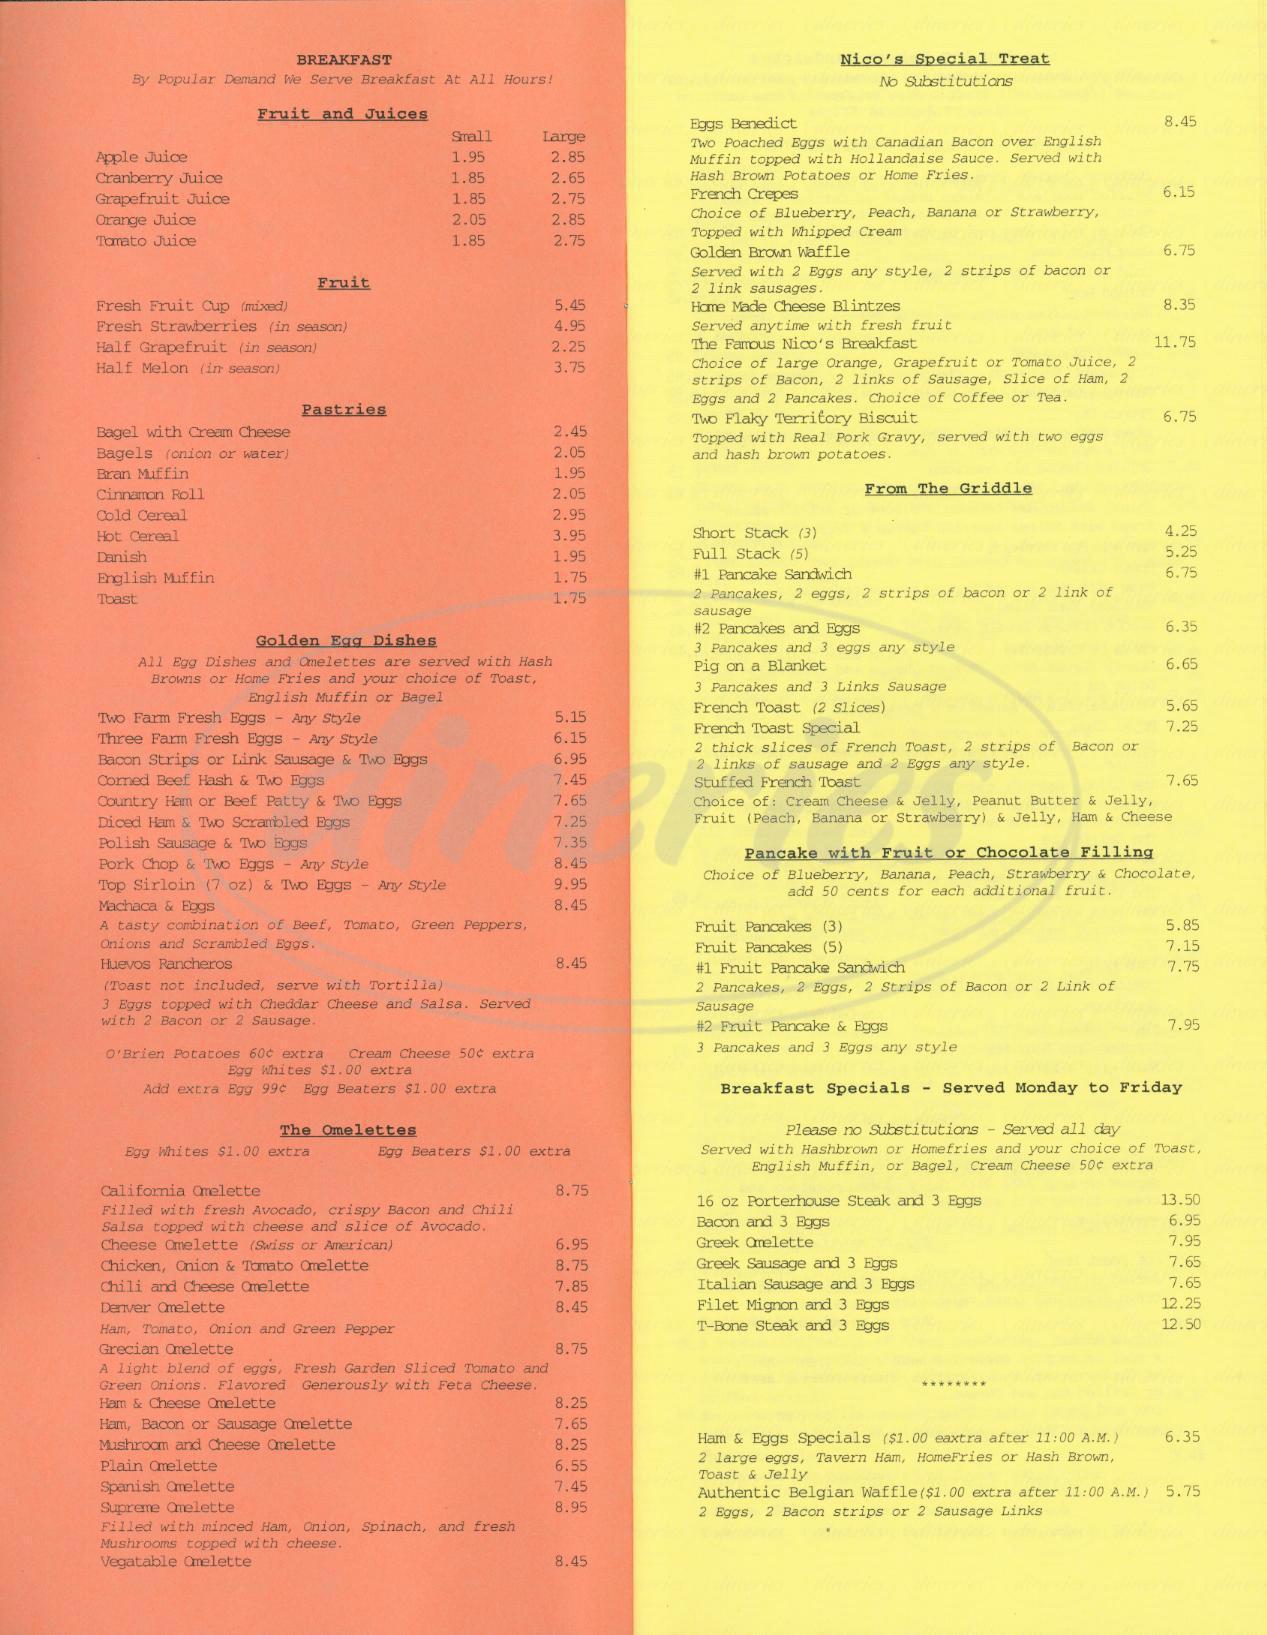 menu for Nicos Family Restaurant